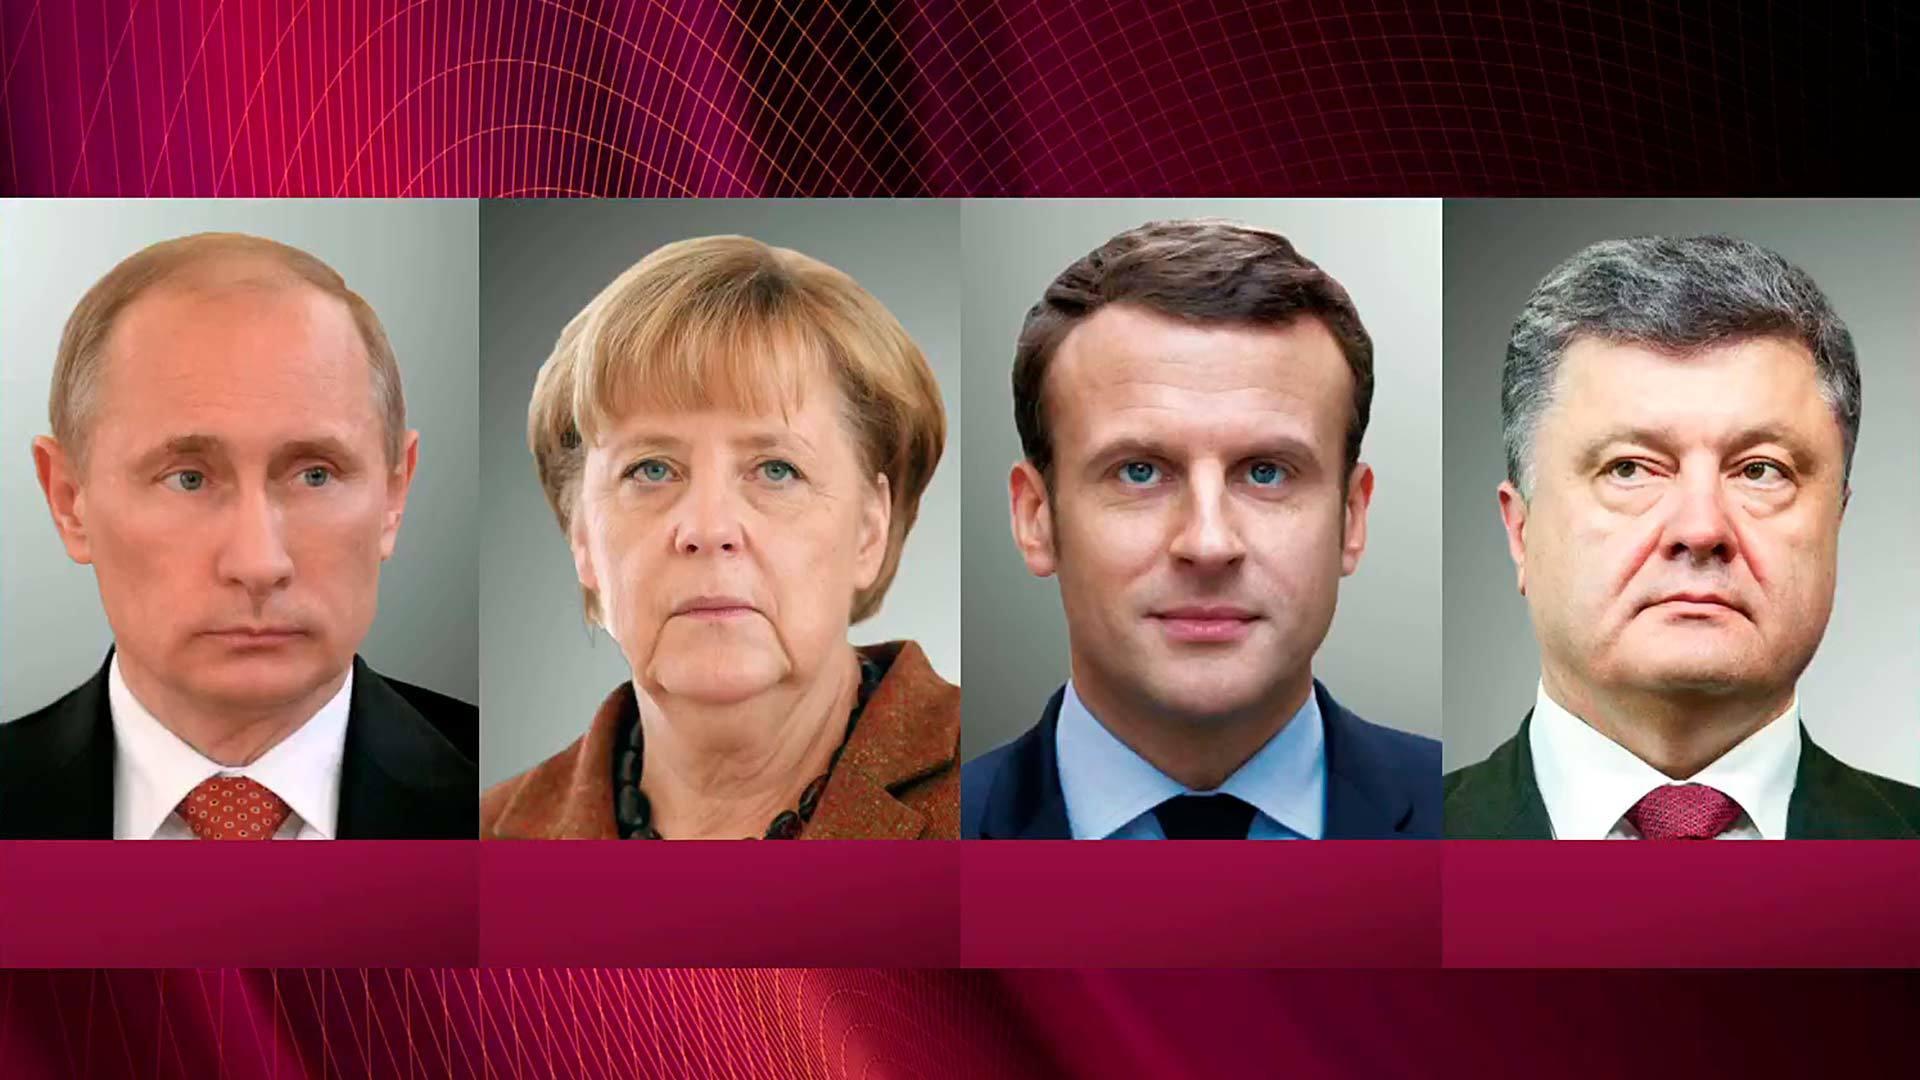 Порошенко напереговорах «четверки» предложил ввести вДонбасс миротворцев ООН